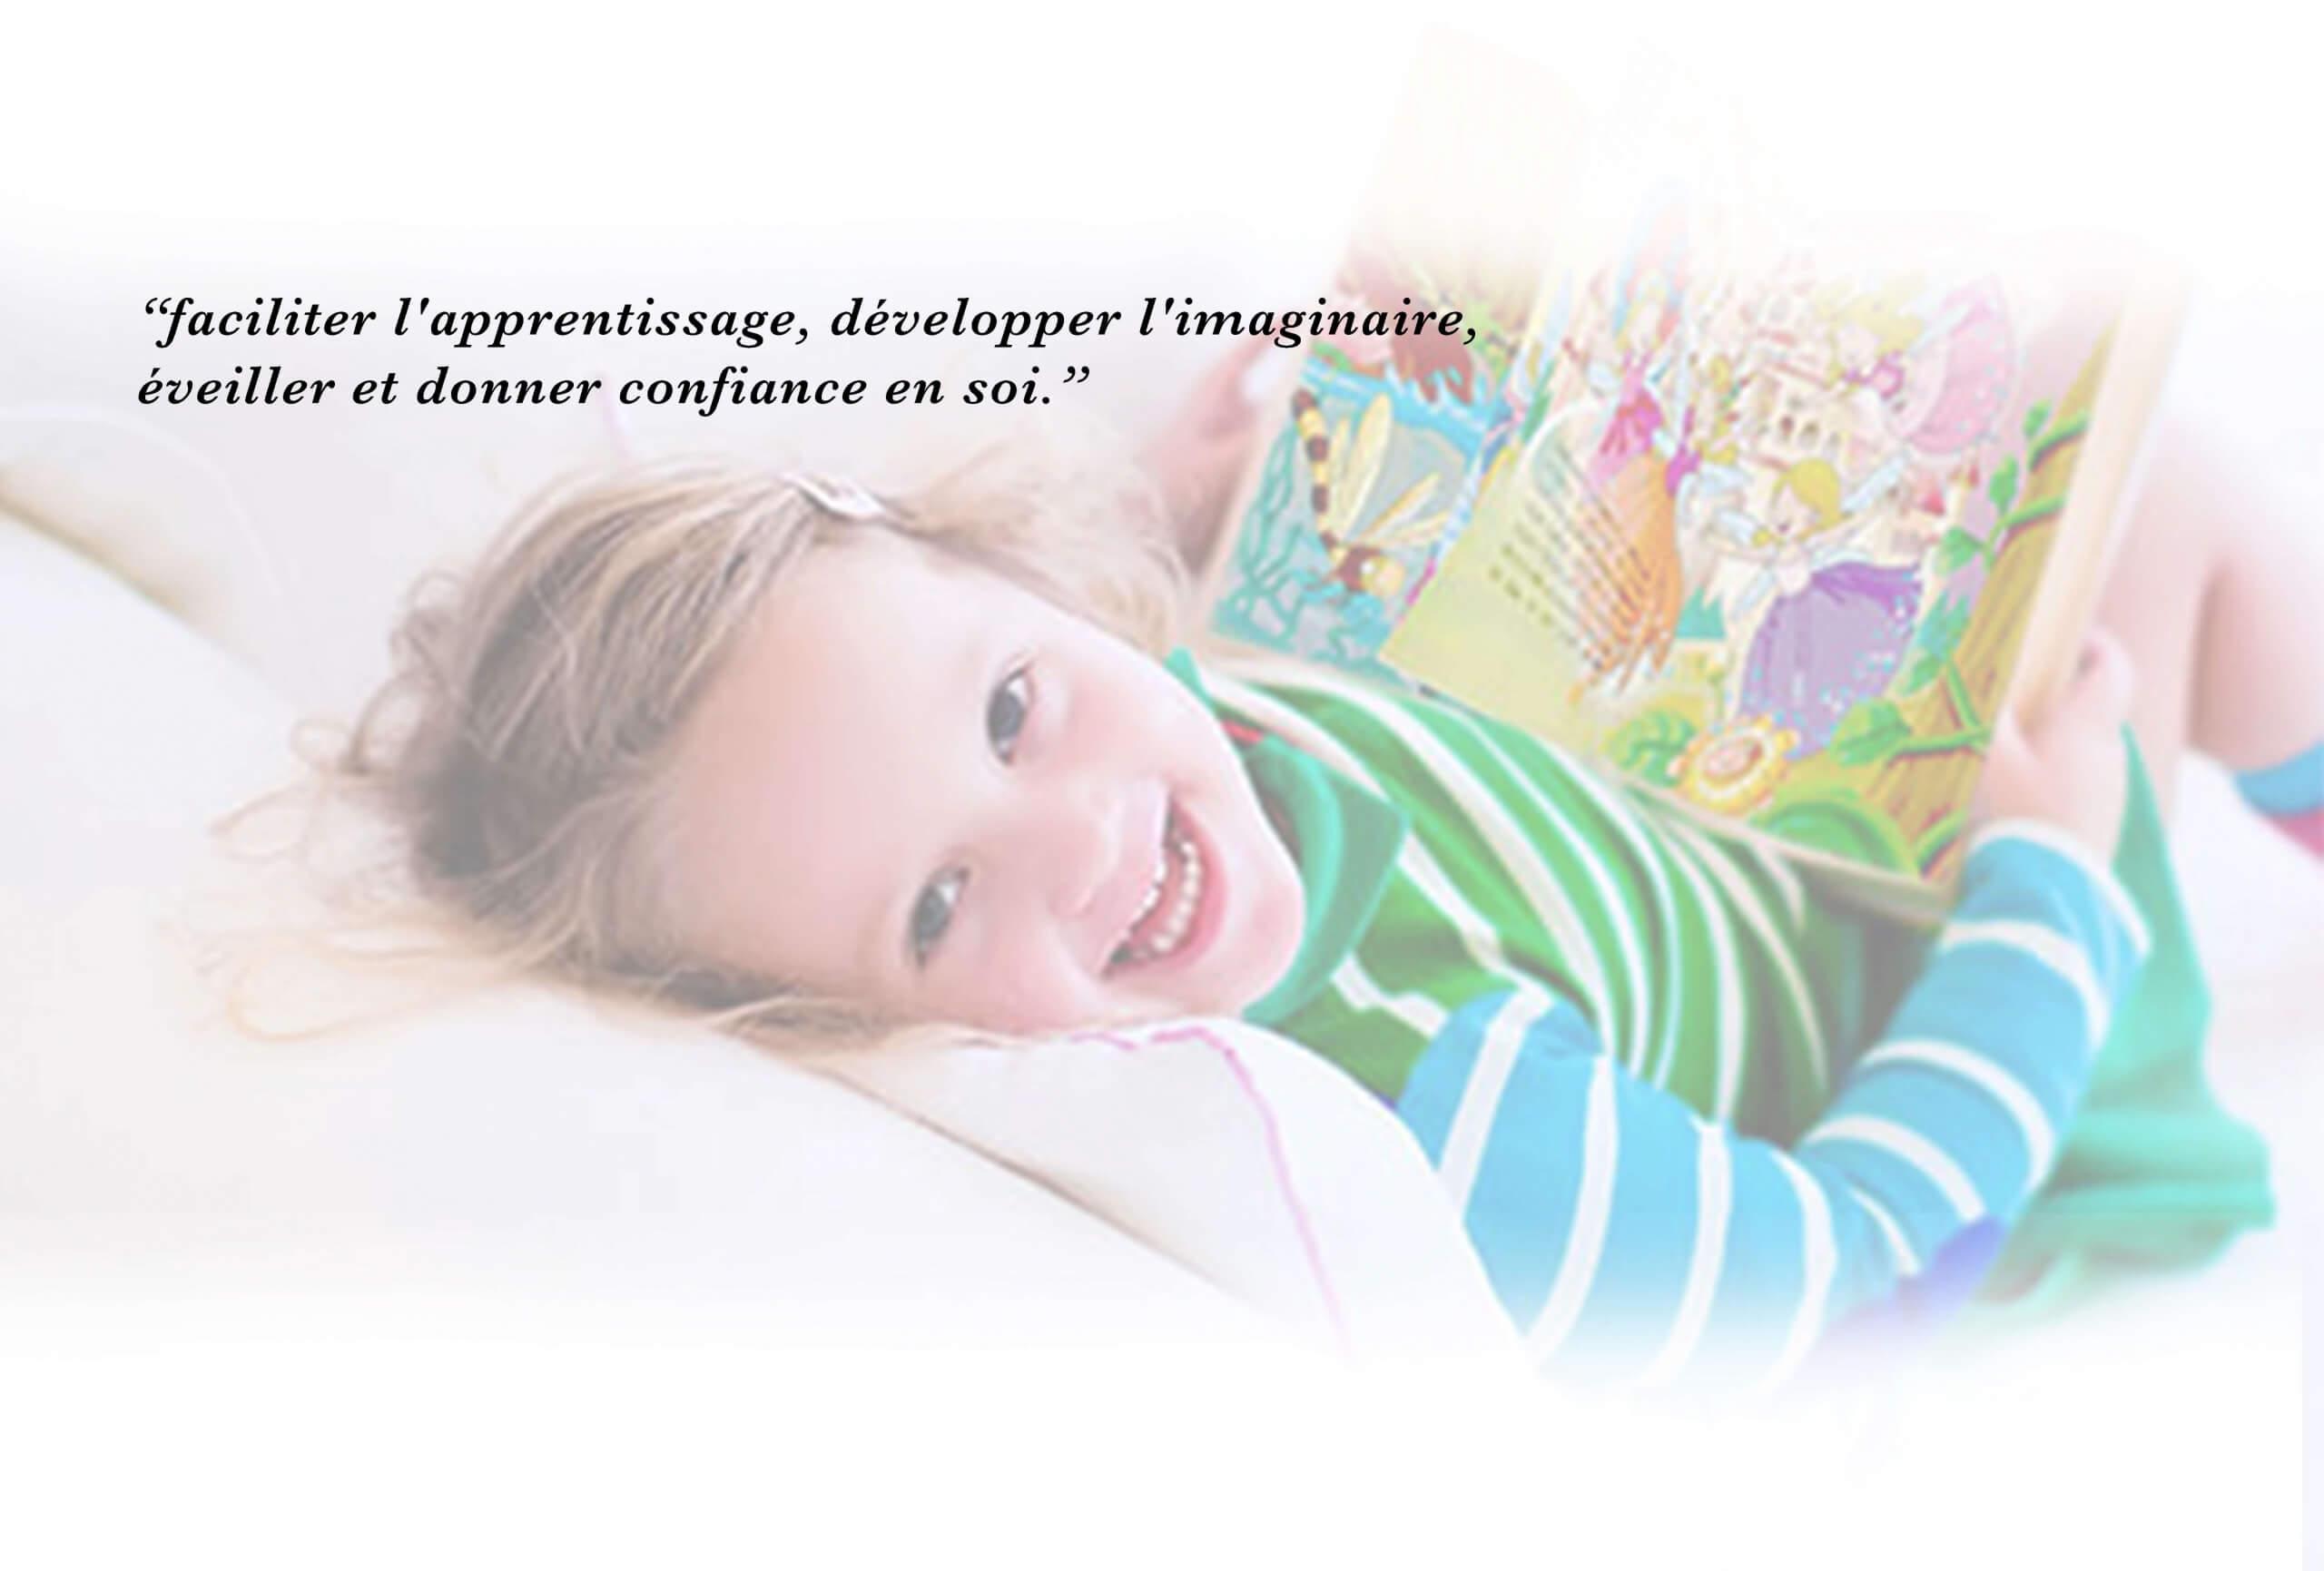 Petite fille qui lit une page de son livre et sourit